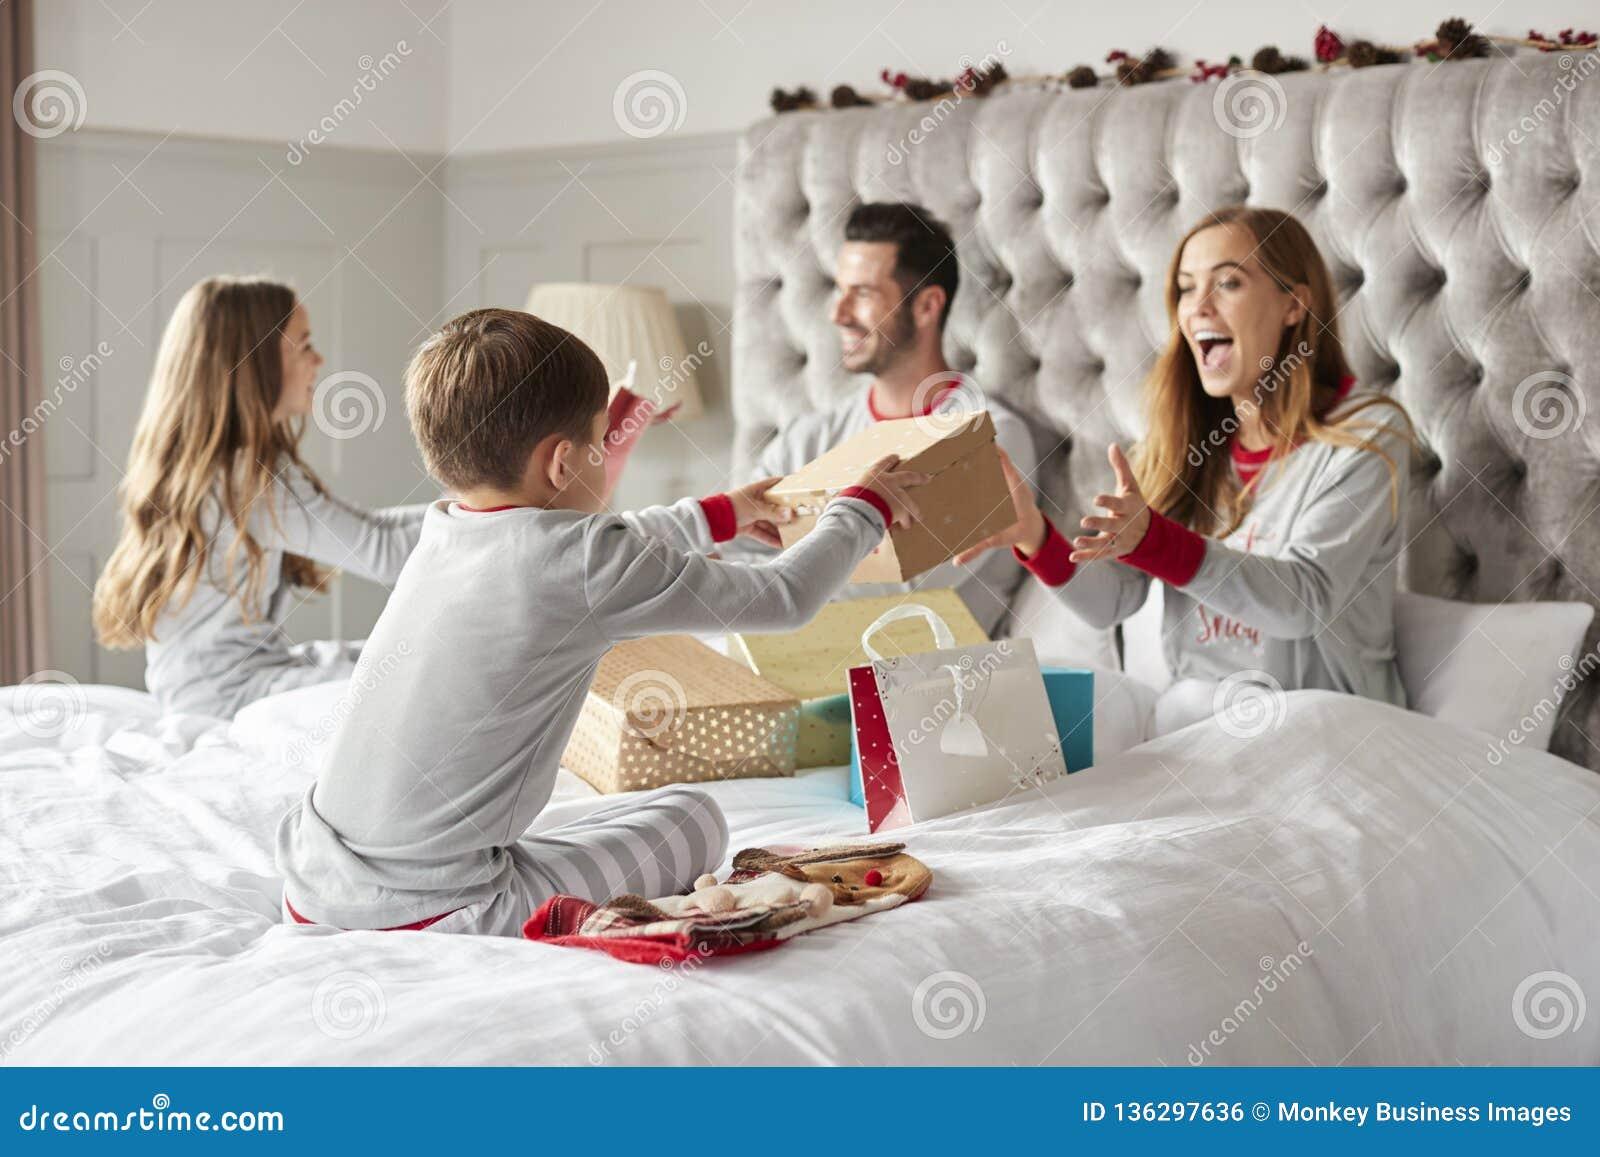 Rodzice Otwiera prezenty Od dzieci Gdy Siedzą Na Łóżkowej Wymienia teraźniejszości Na święto bożęgo narodzenia